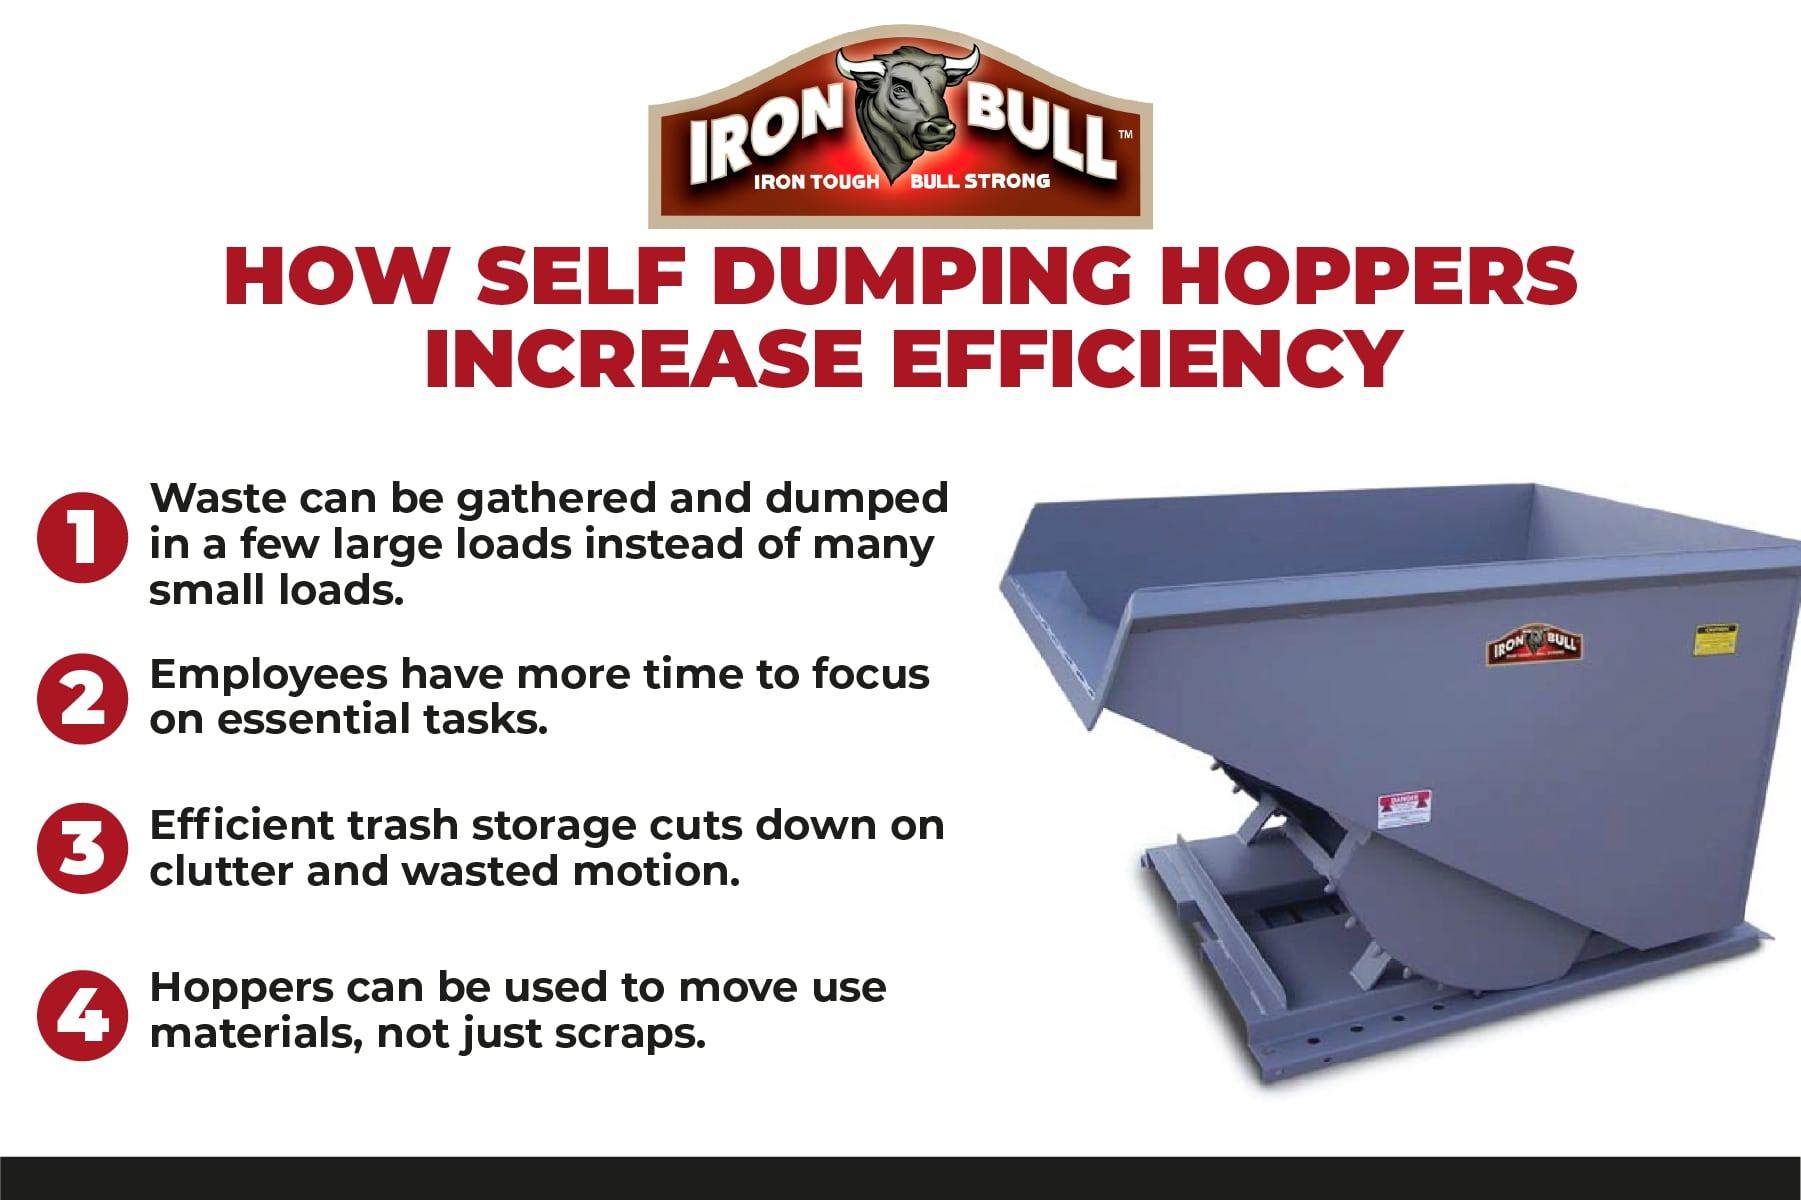 self dumping hoppers increase efficiency